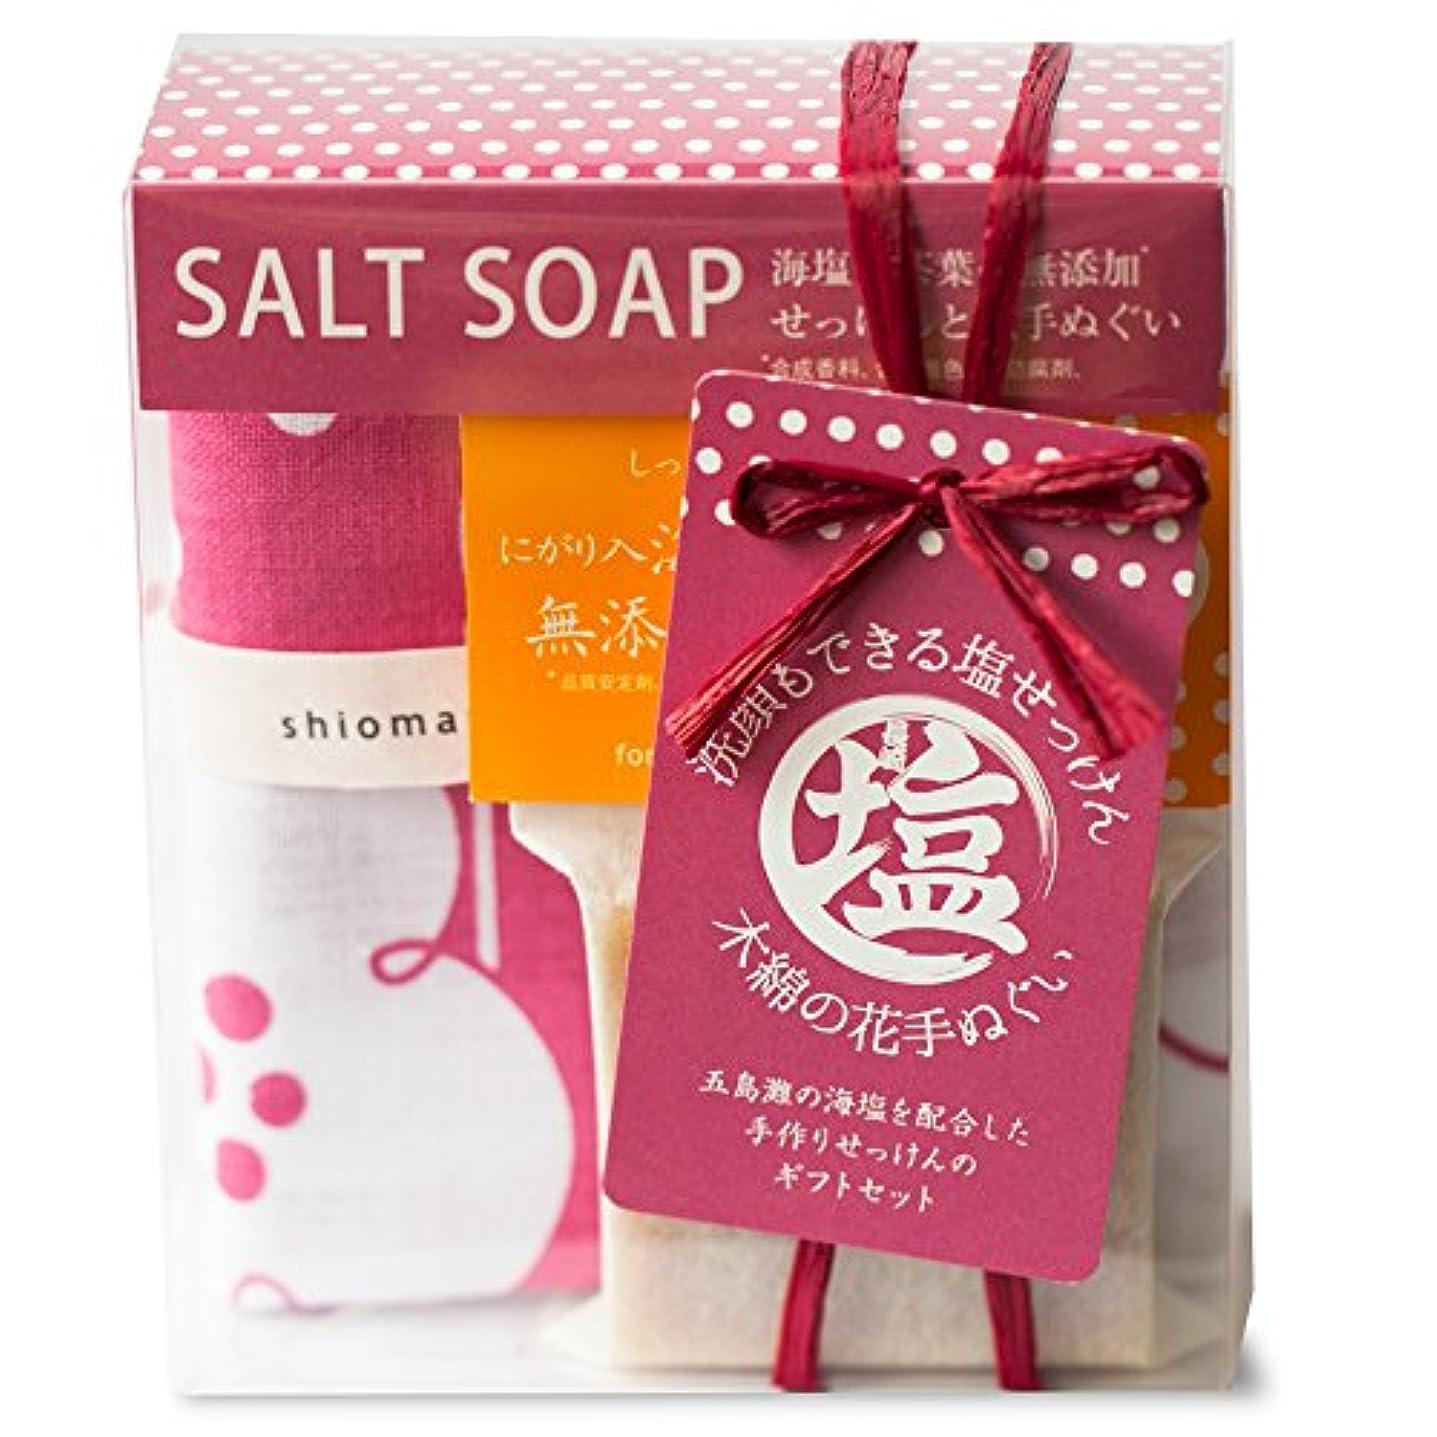 ブロンズ耐える教育する(塩丸)にがり入海塩せっけん/ツバキ柄ぬぐいのセット/オレンジ(蜂蜜配合/乾燥肌用)